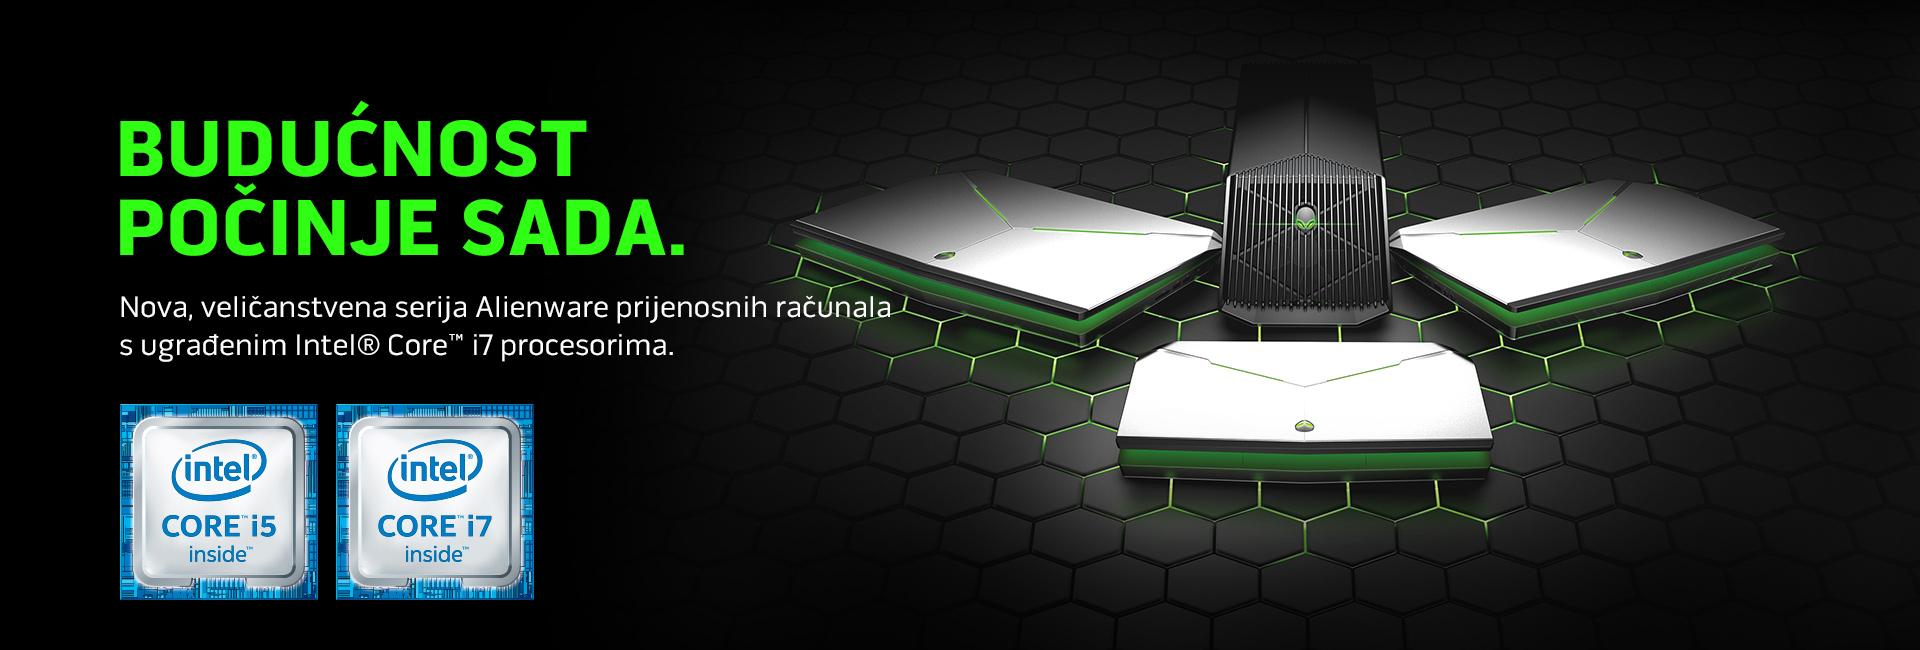 Nova, veličanstvena serija Alienware prijenosnih računala s ugrađenim Intel® Core™ i7 procesorima.